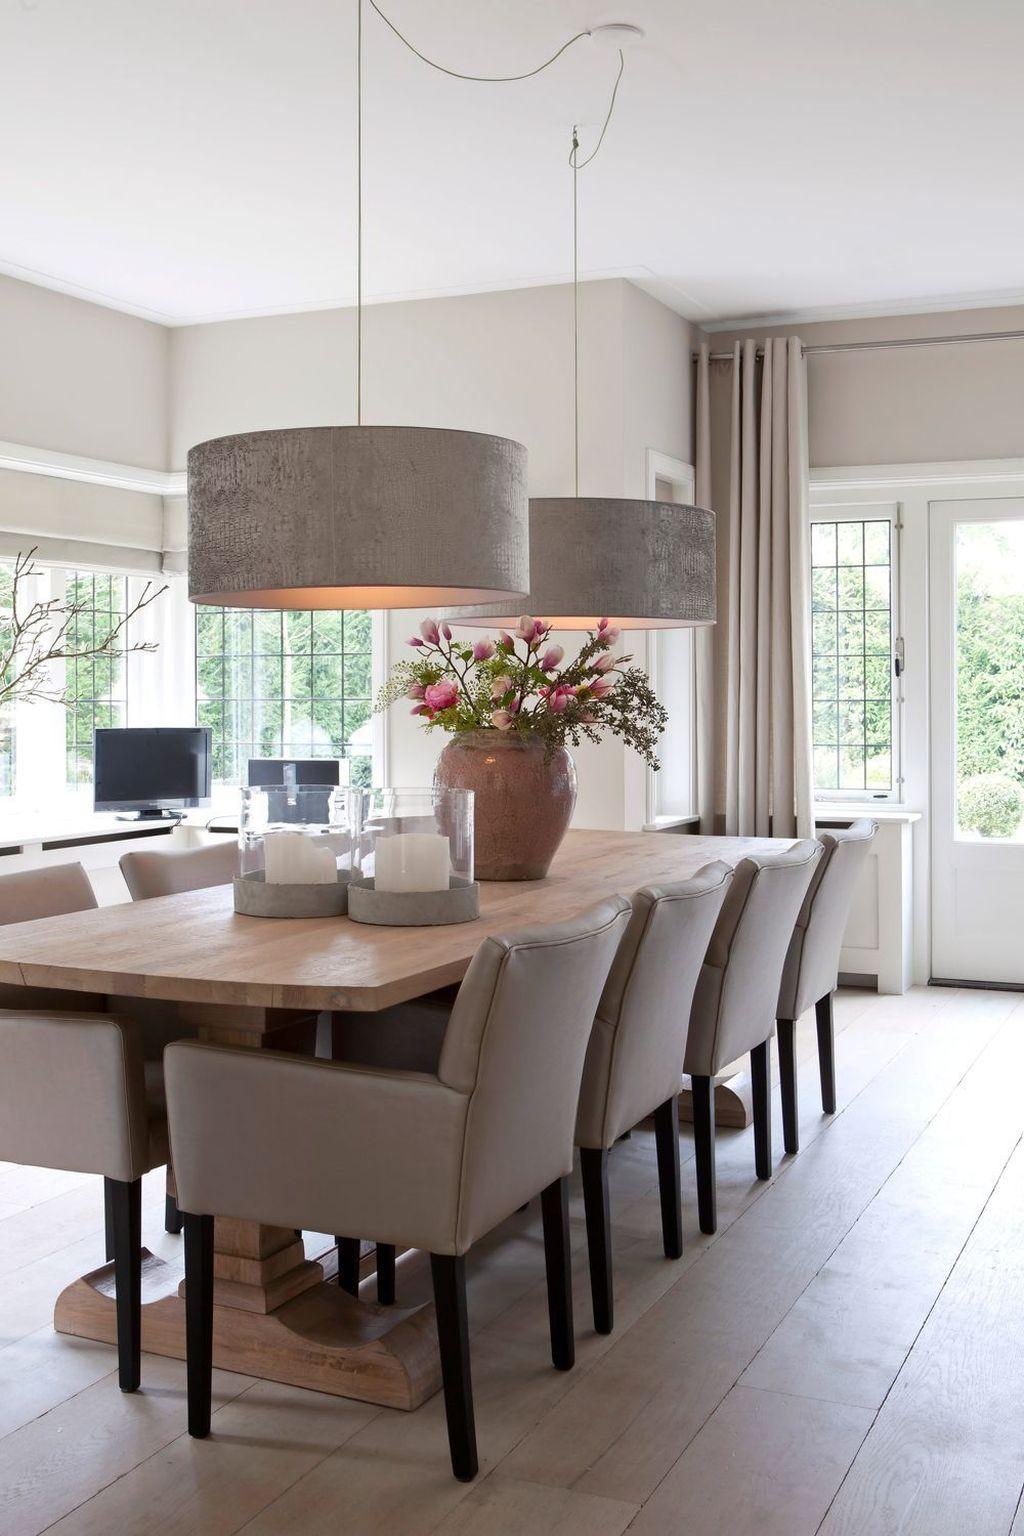 44 Best Dining Room Design Ideas - HOMISHOME